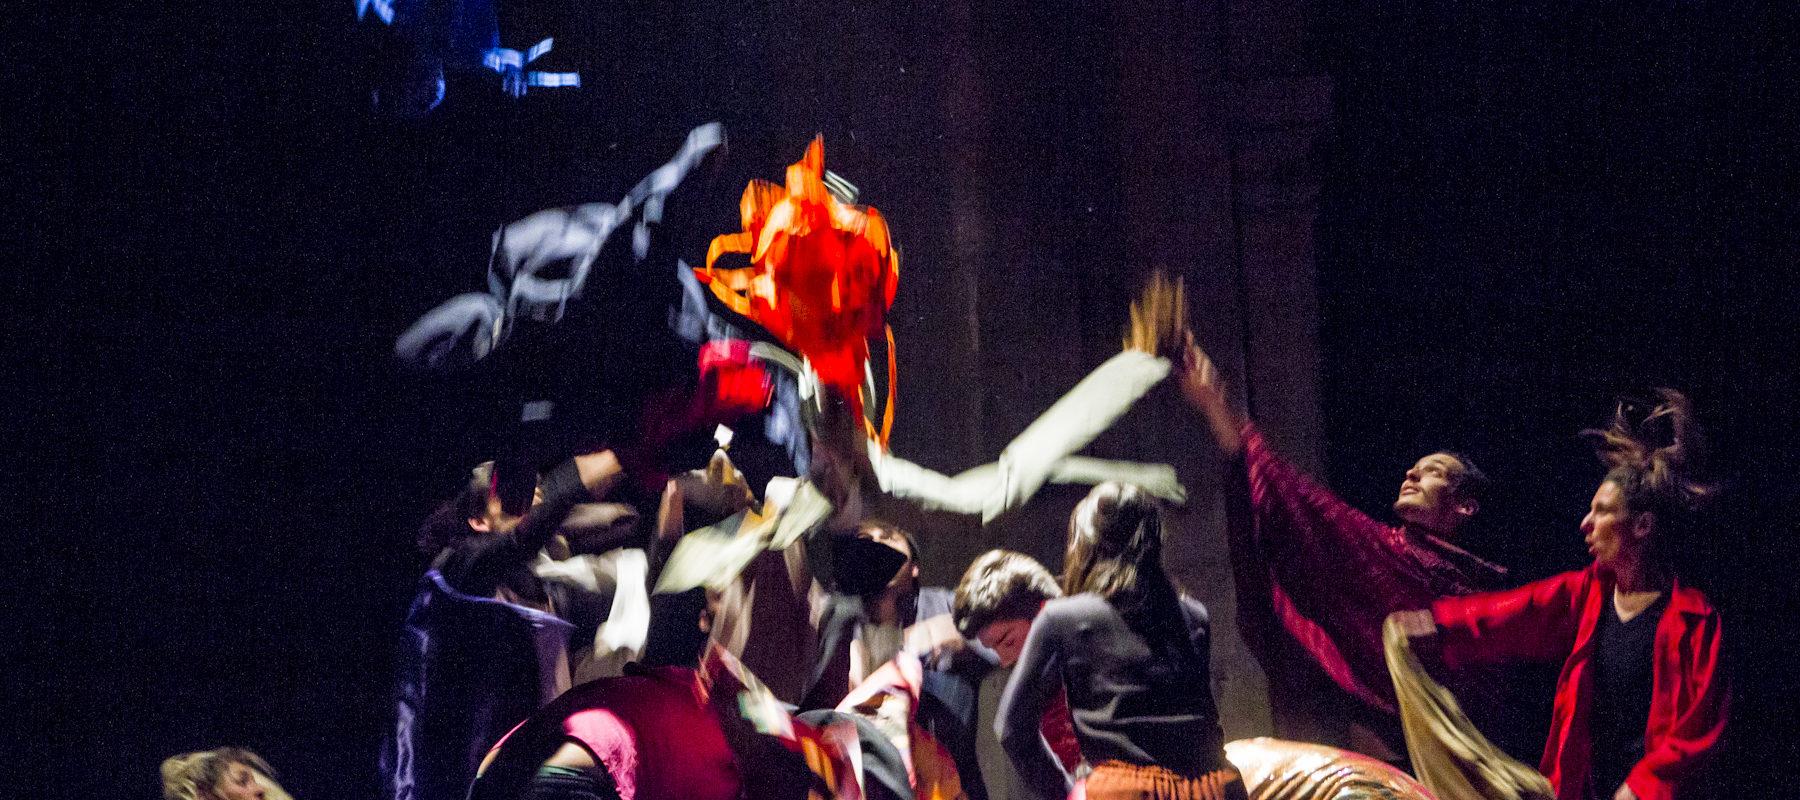 Permalink to: Ballet Contemporâneo do Norte no Festival Cumplicidades | Reportagem Fotográfica